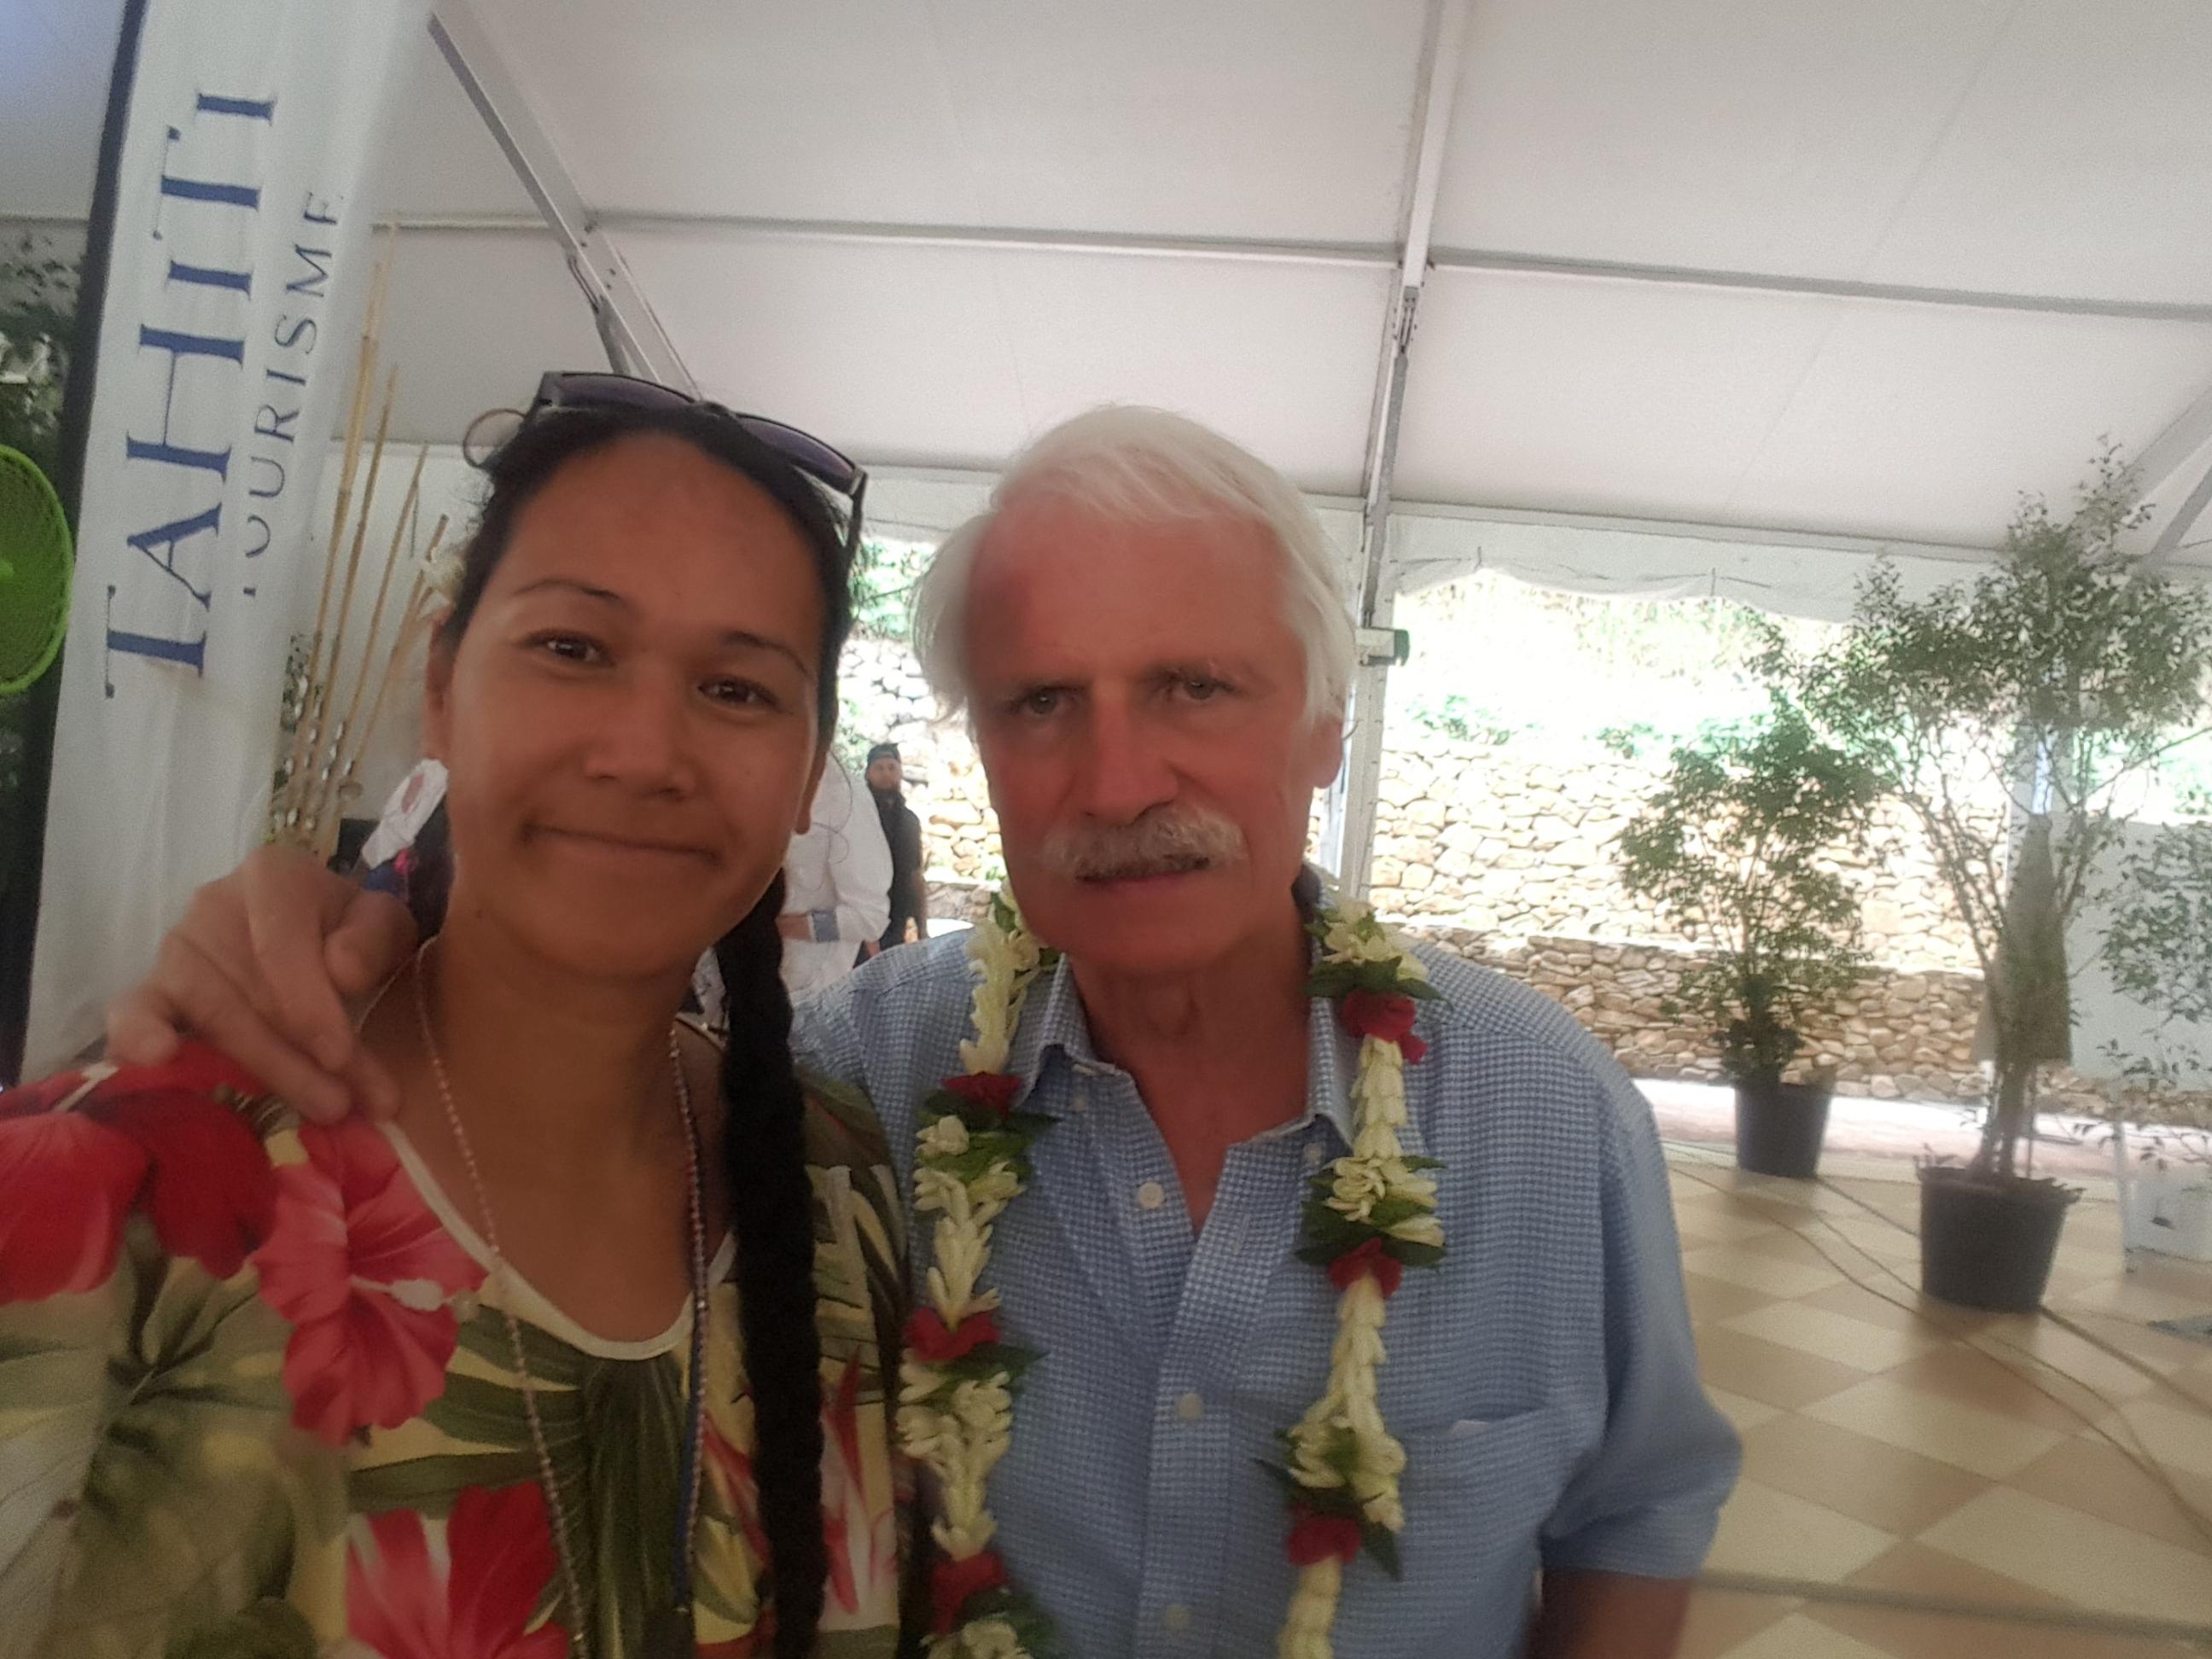 Laiza Pautehea aux côtés de Yann Arthus-Bertrand, photographe, reporter, réalisateur et écologiste français, venu fin septembre au fenua.